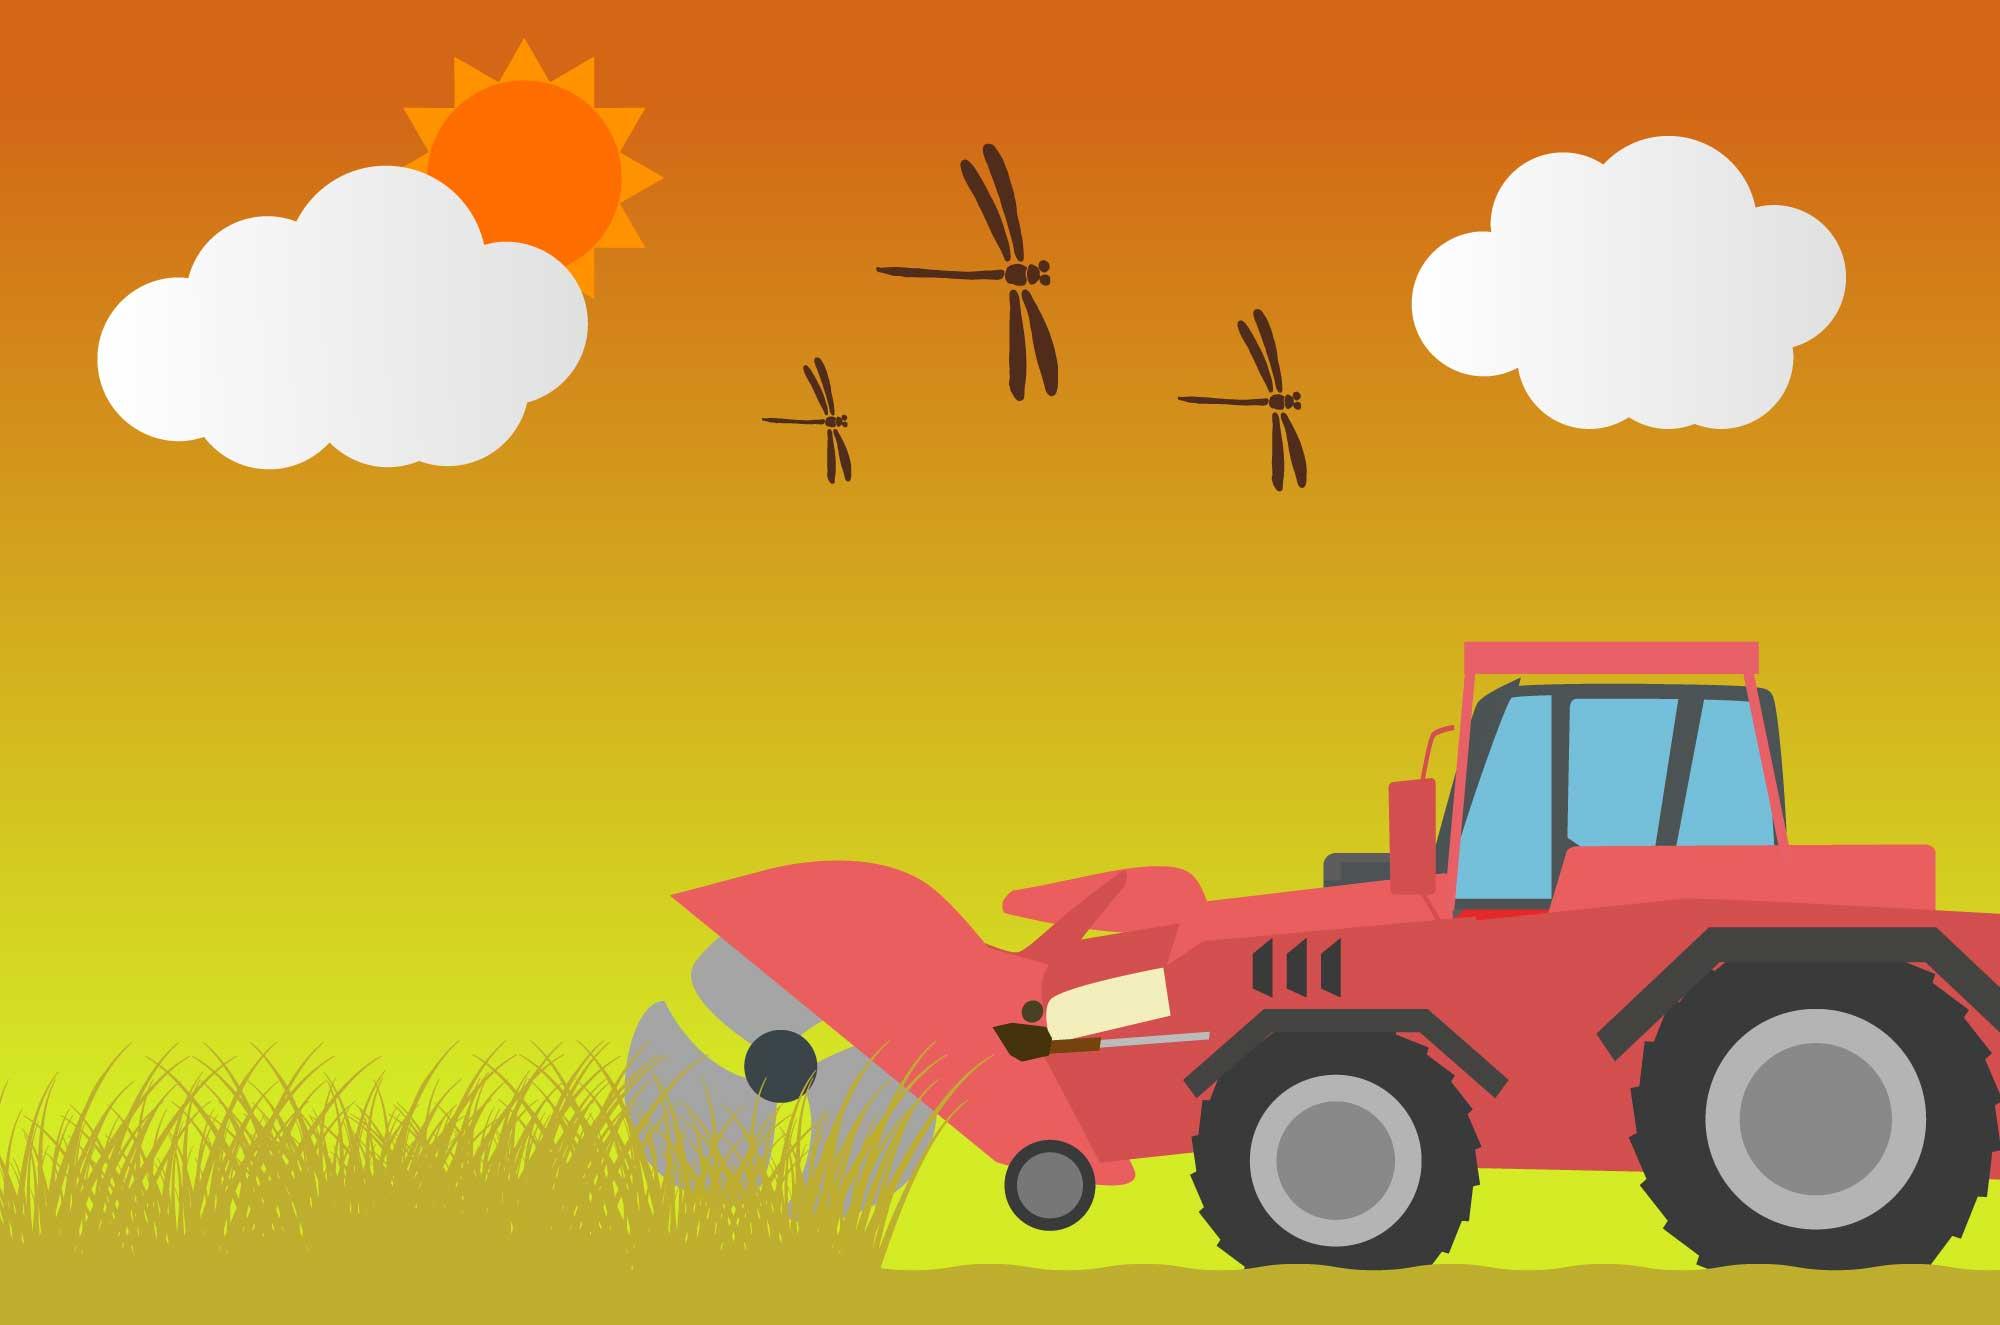 トラクターのイラスト - 畑・田んぼで活躍する車素材